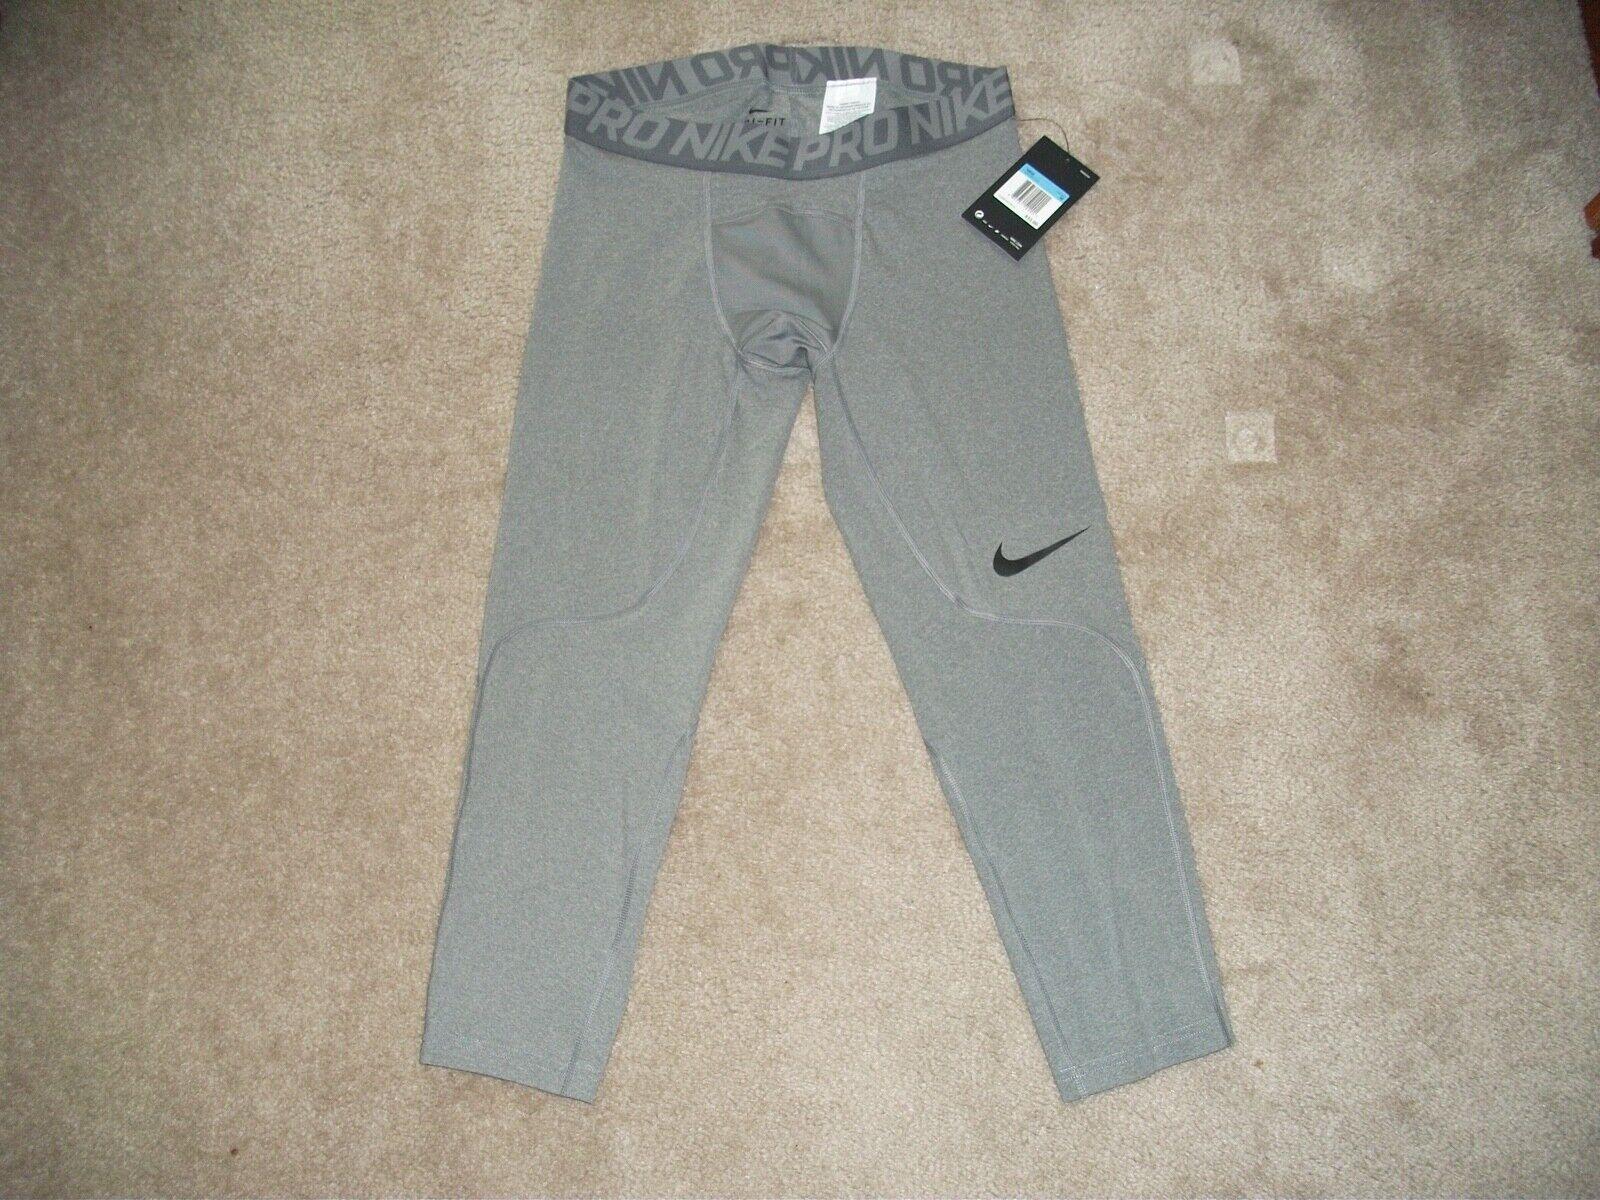 NWT Nike Pro Training 3/4 Athletic Training Pants Gray Size